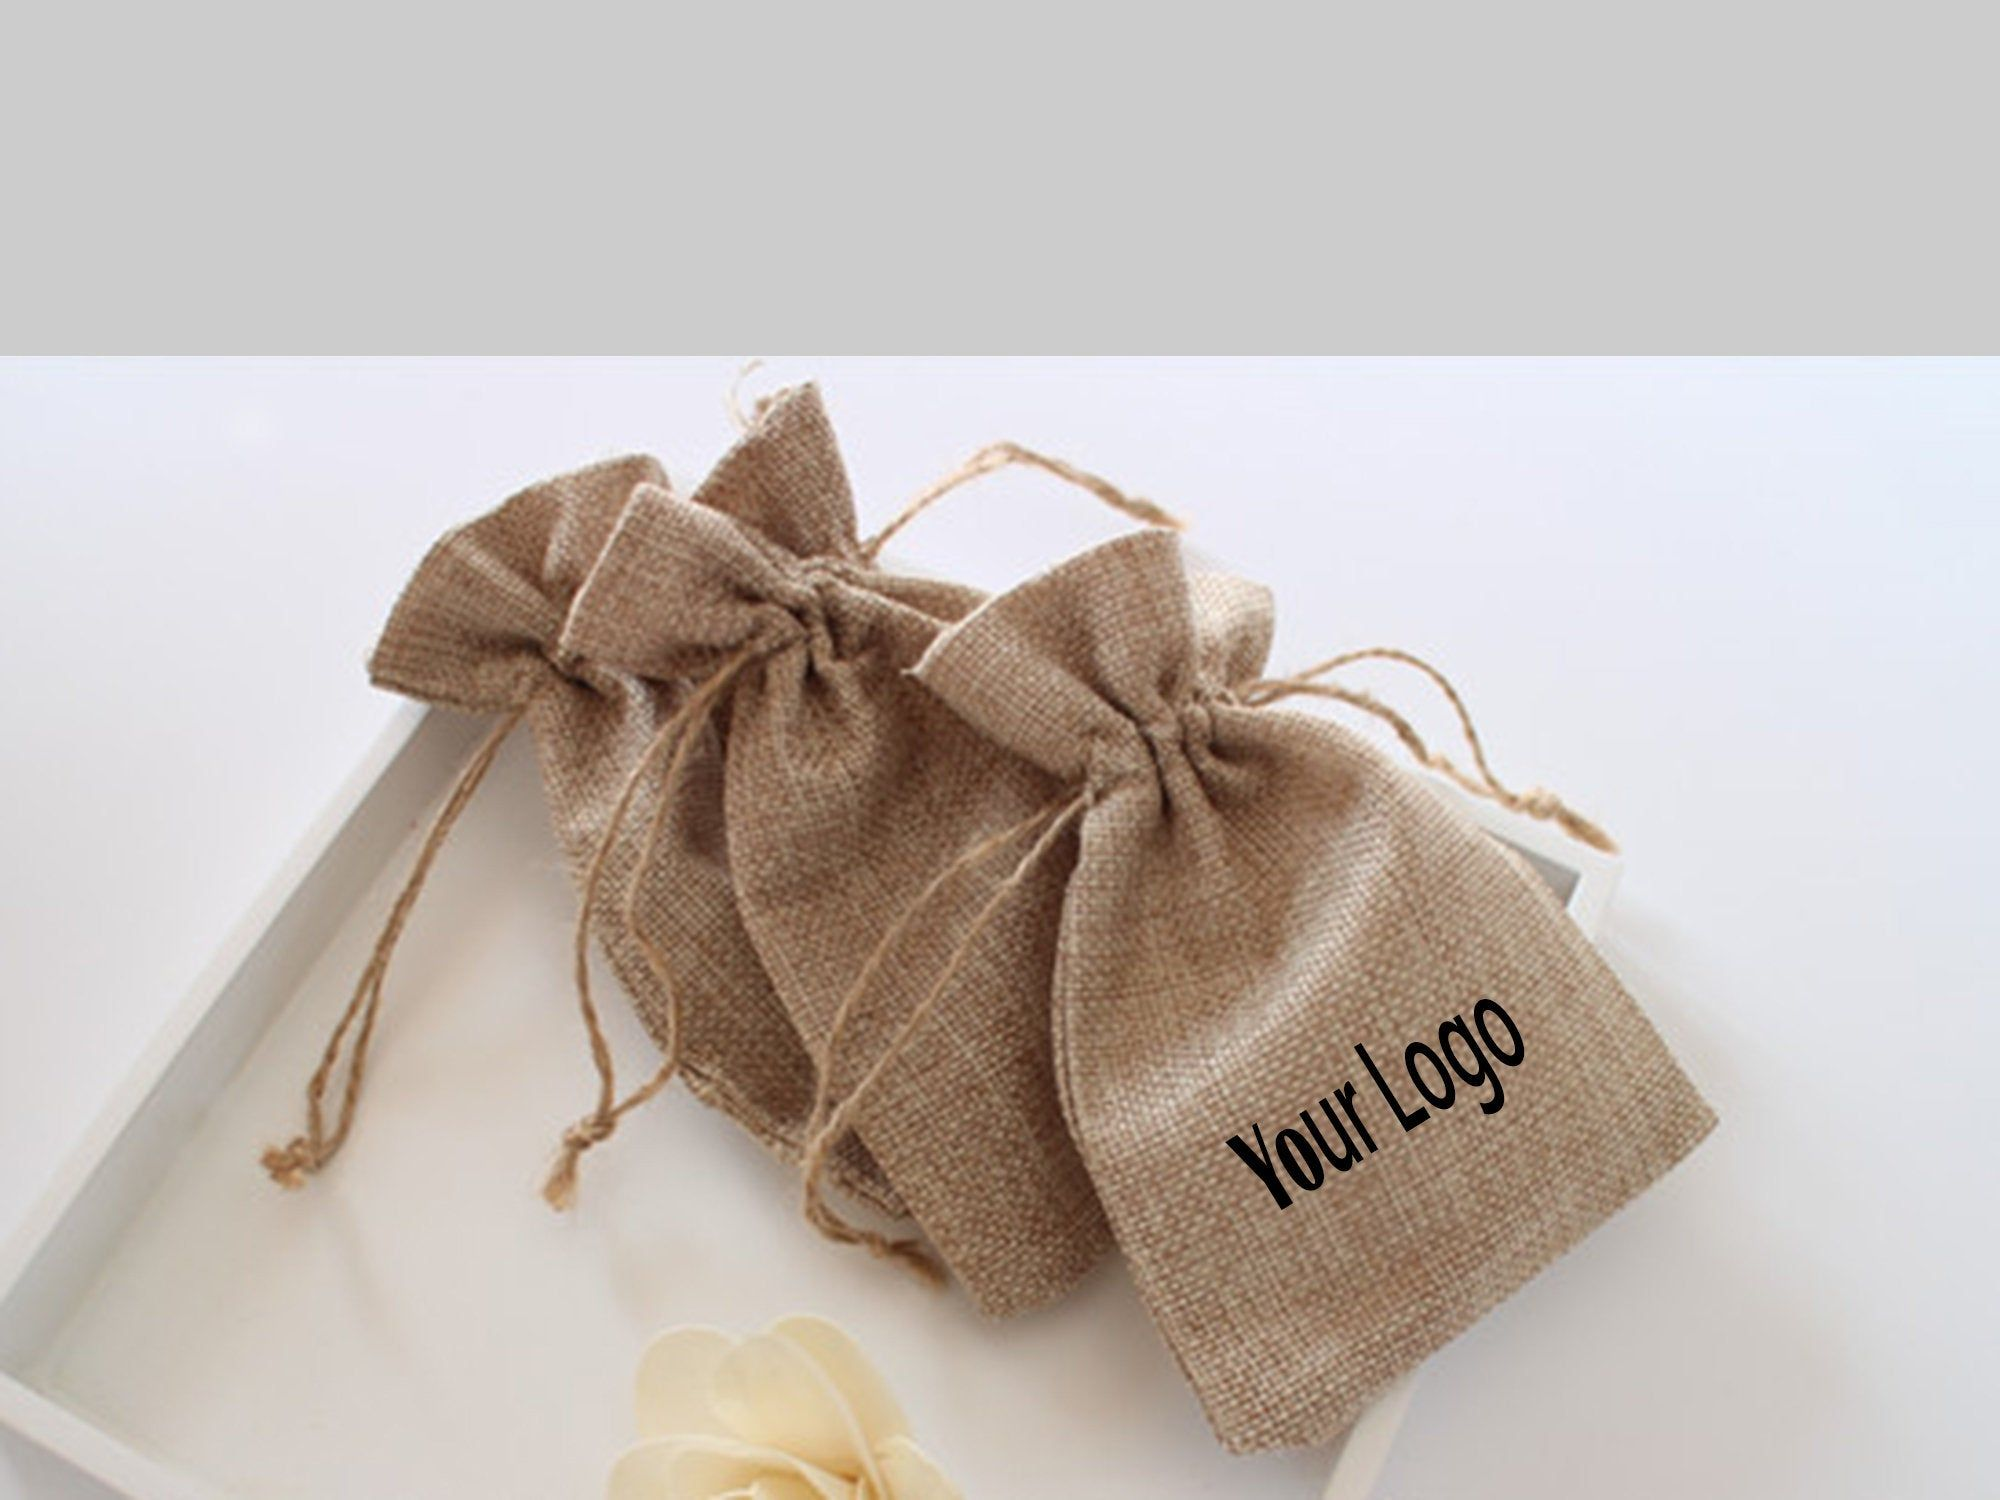 Wedding Favor Velvet Bags Jute Gift Bag Jewelry Packaging Drawstring Pouch